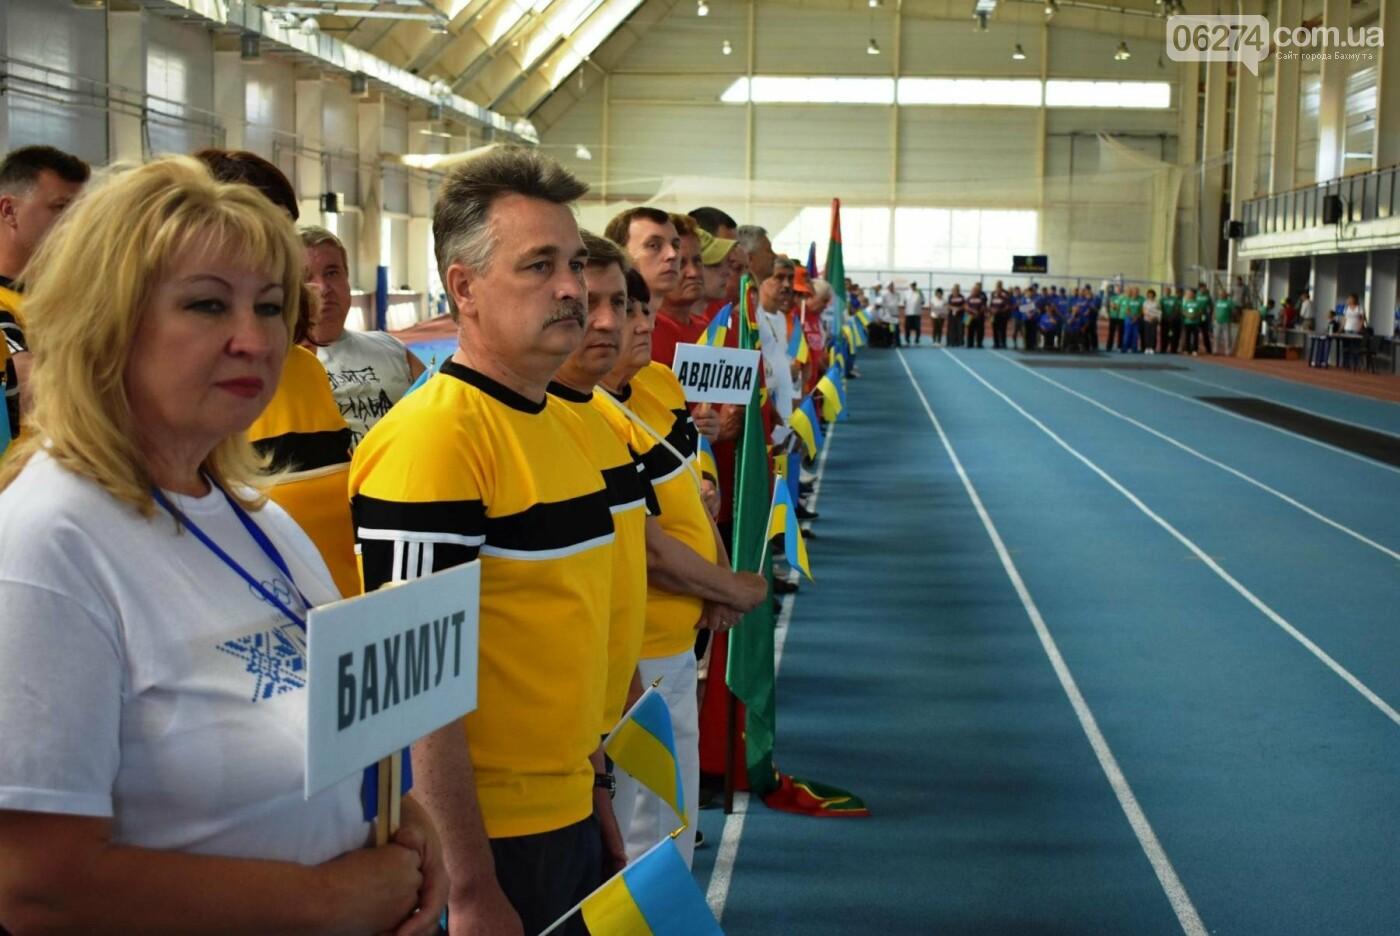 Бахмут четвертый раз принял всеукраинскую спартакиаду «Сила духа», фото-6